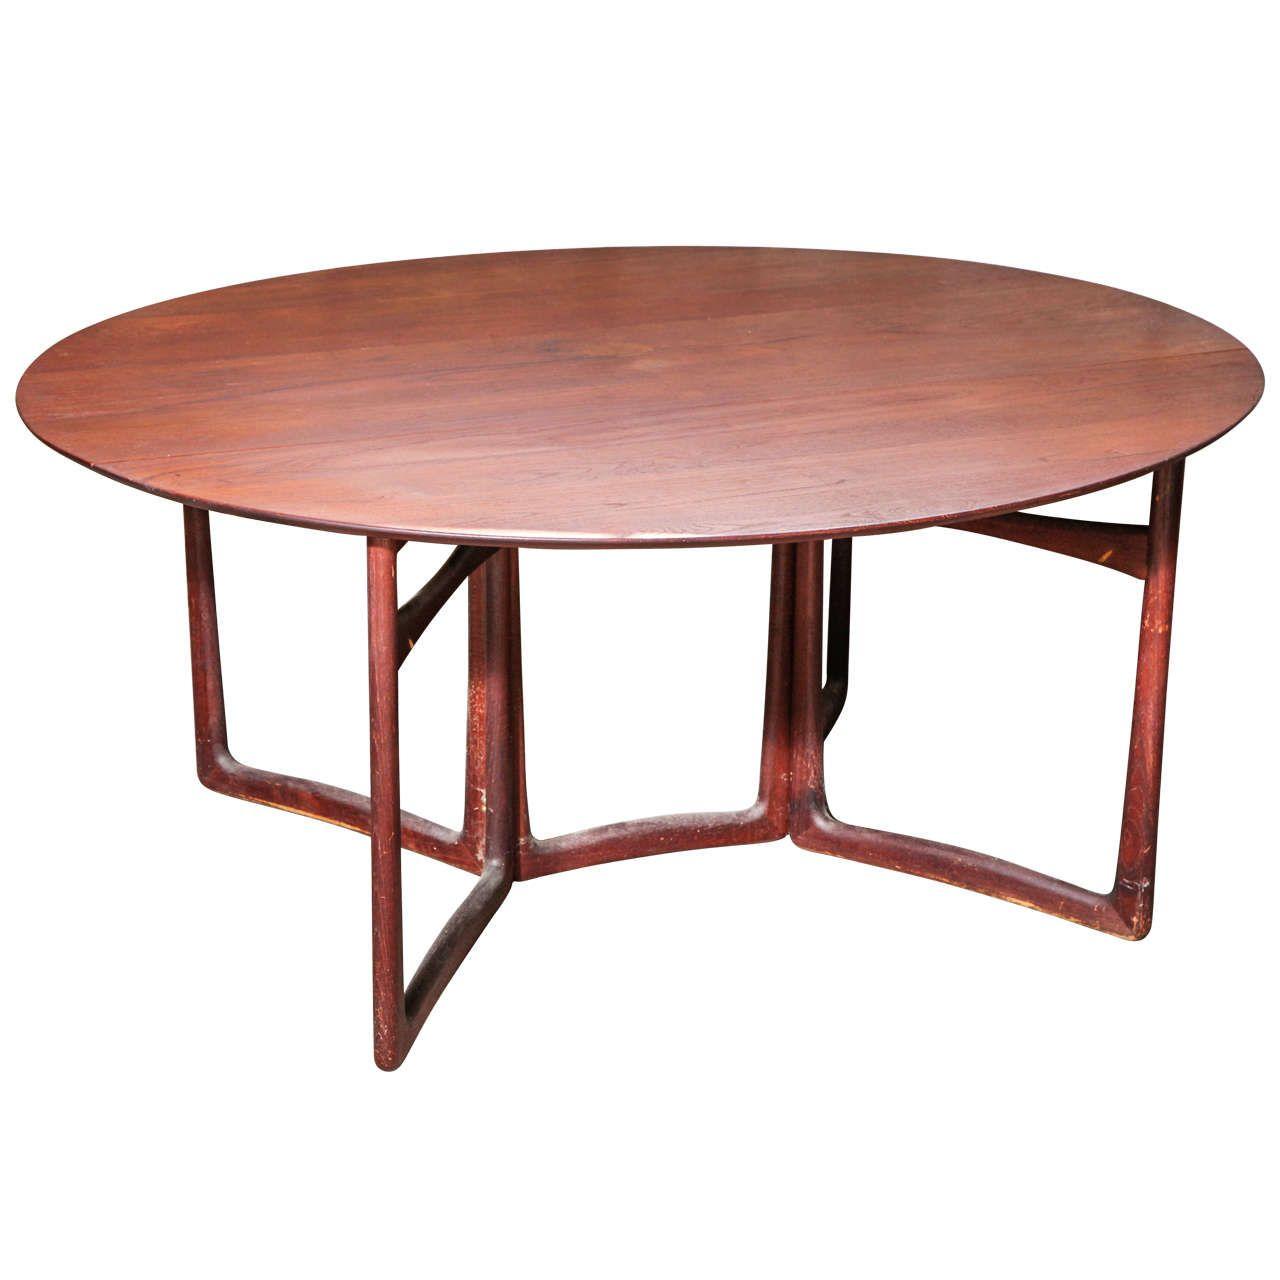 Peter Hvidt and Orla M¸lgaard Nielsen Drop Leaf Dining Table